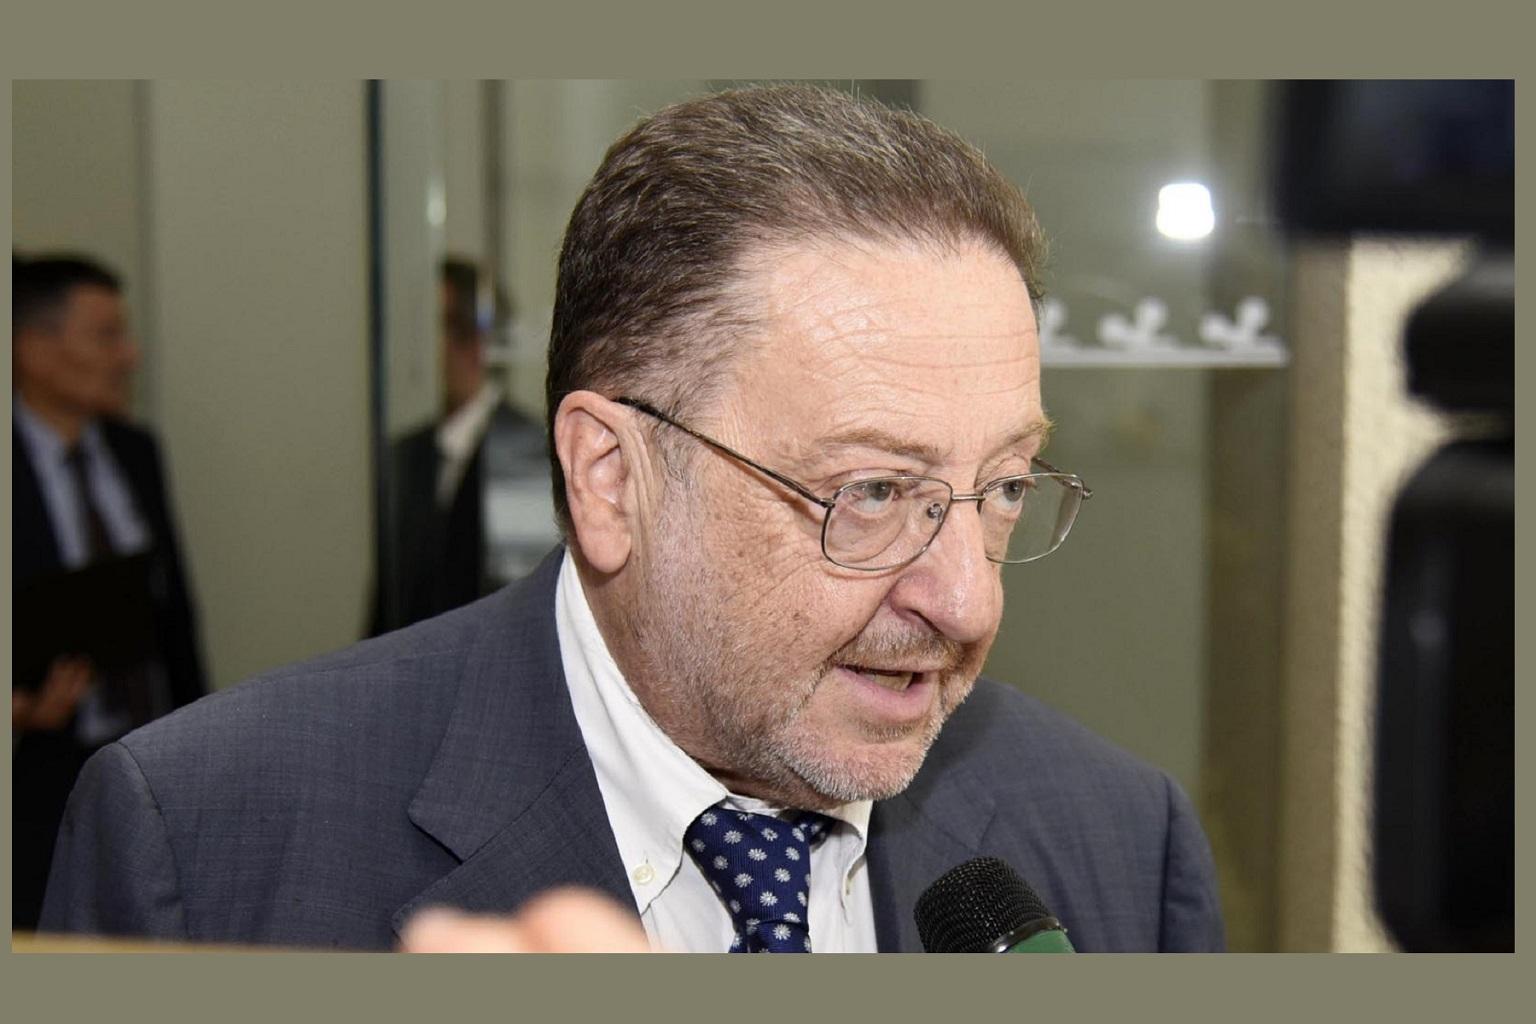 Omicidio Savarino, De Corato: con assoluzione Stizanin, ucciso un'altra volta